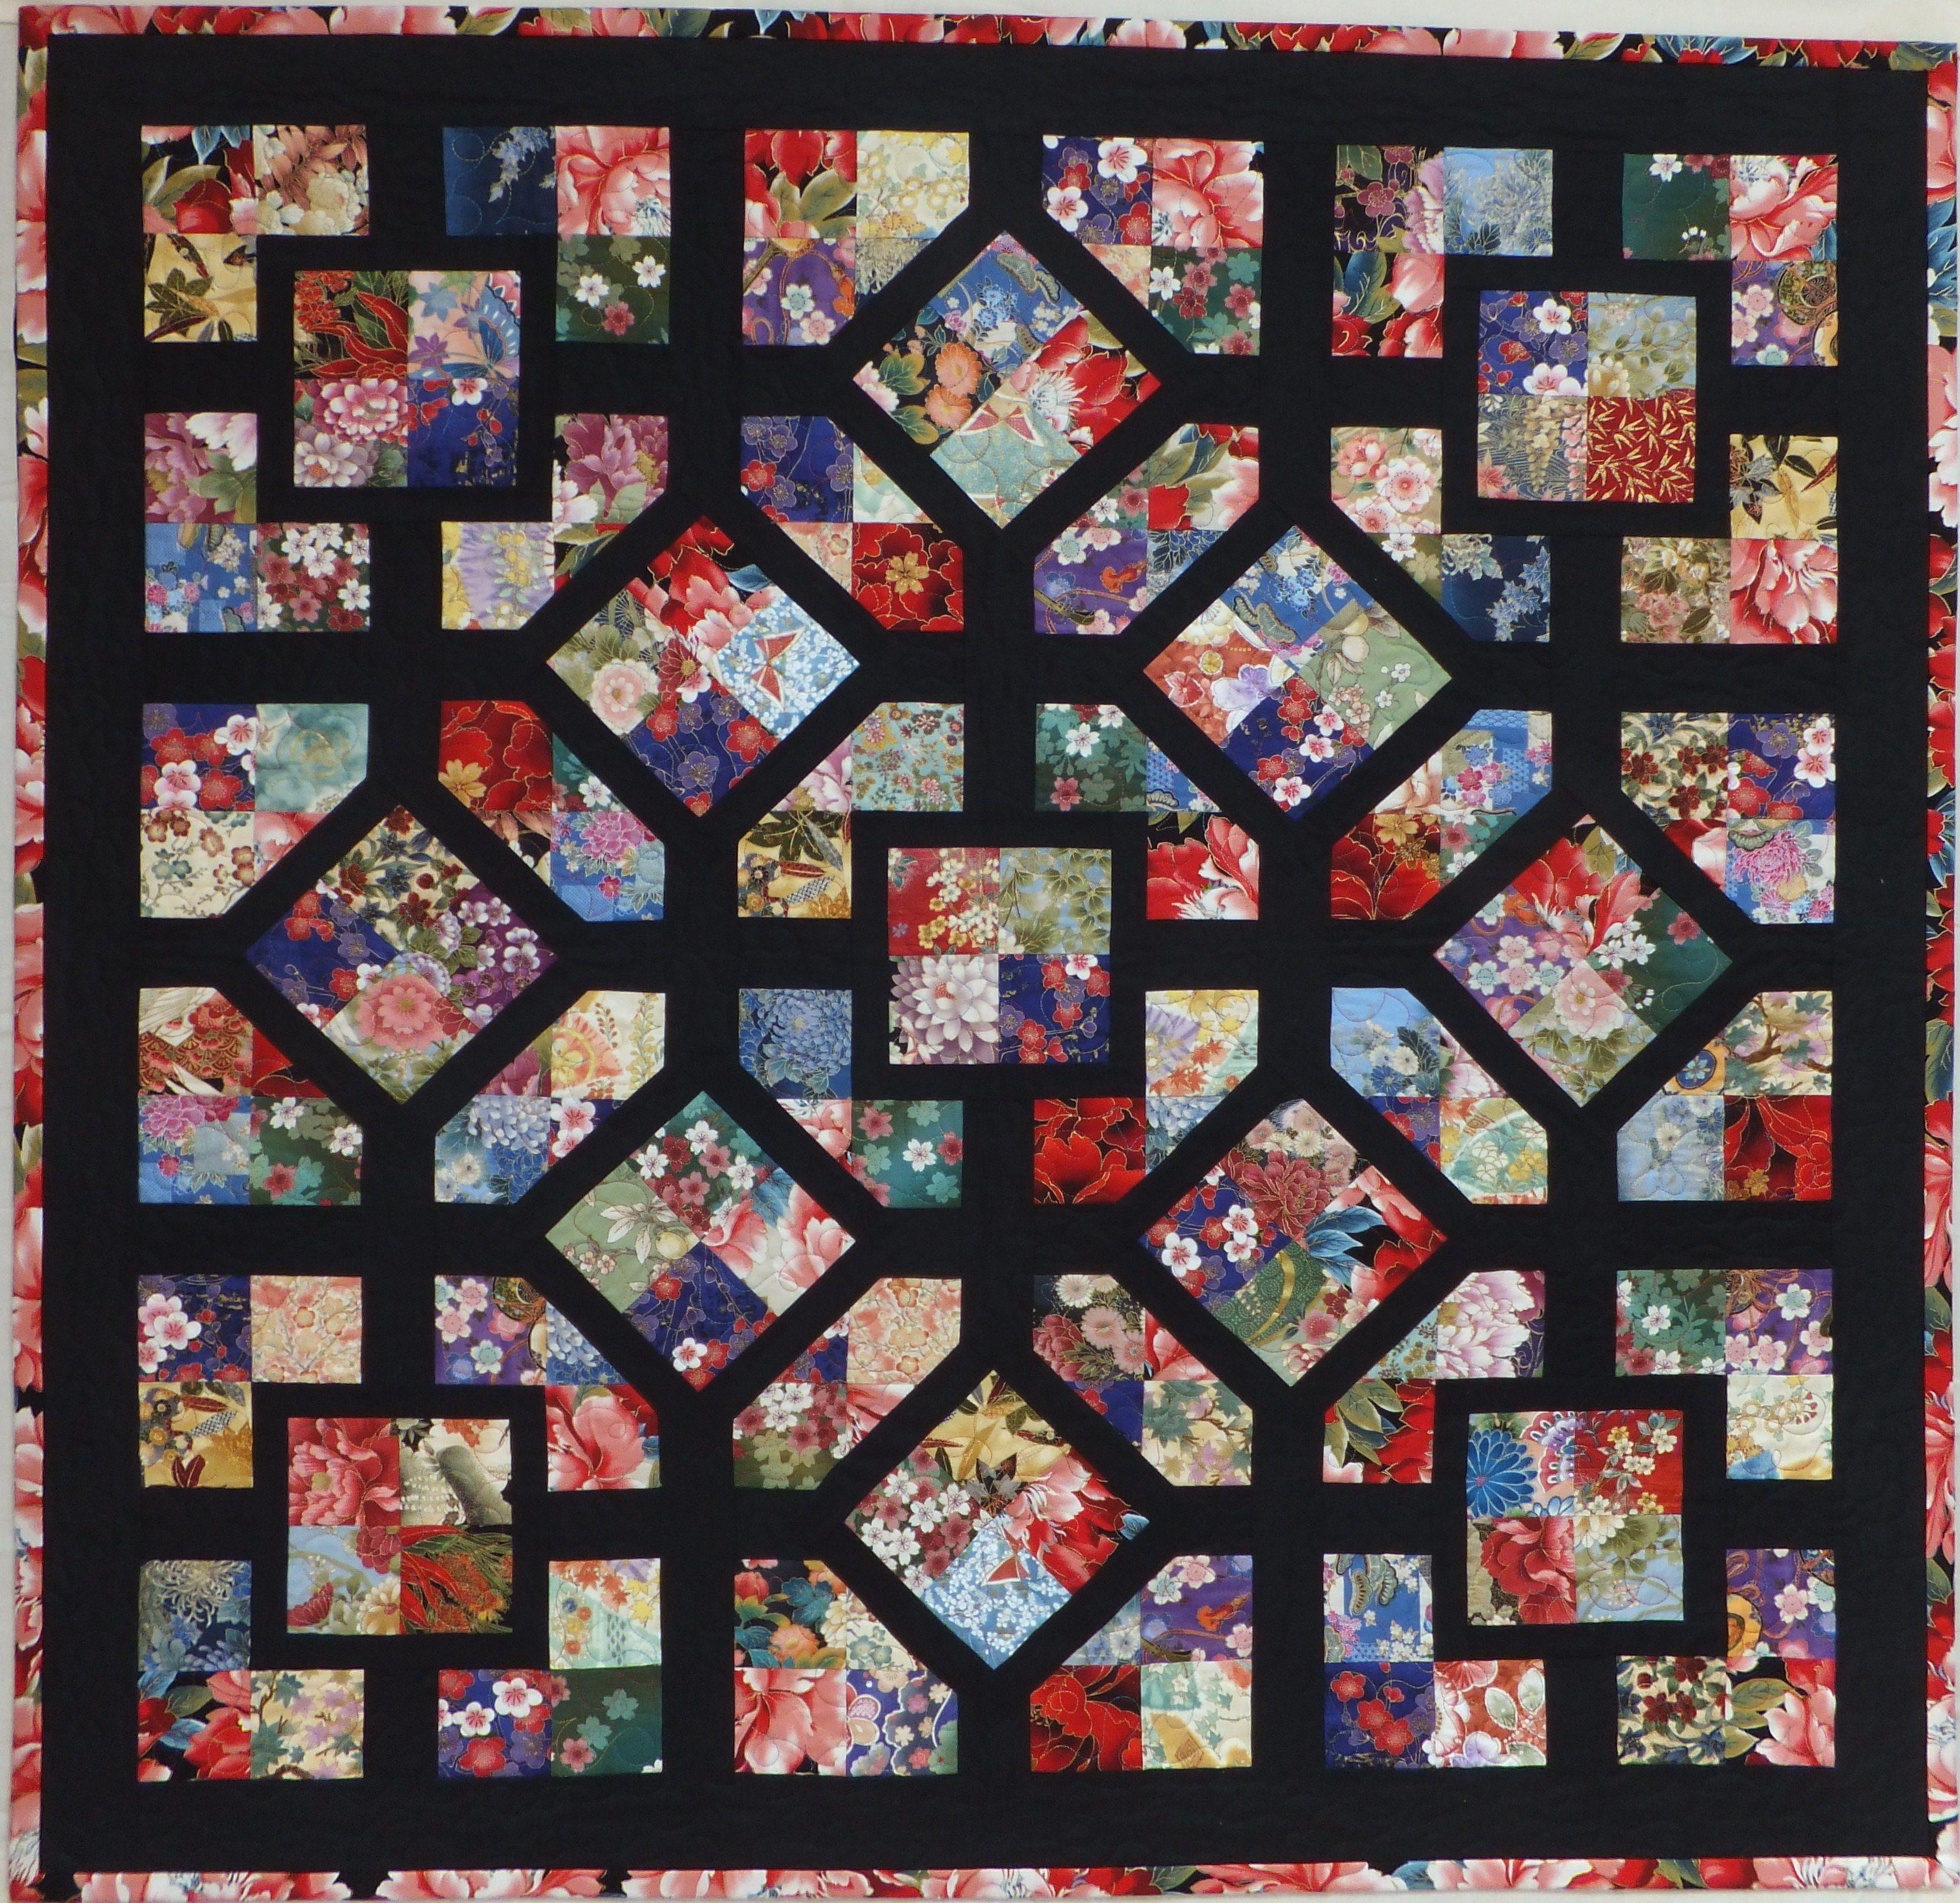 pics-black-asian-patch-quilt